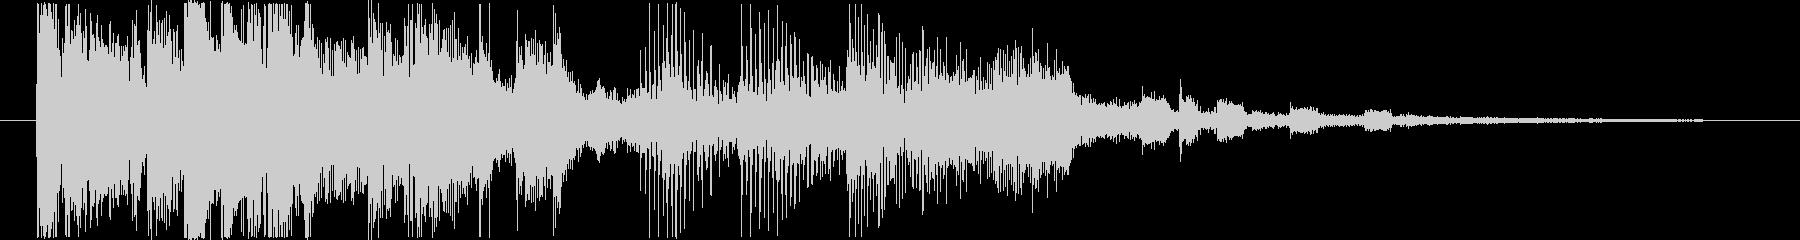 今風でファッショナブルなサウンドロゴの未再生の波形